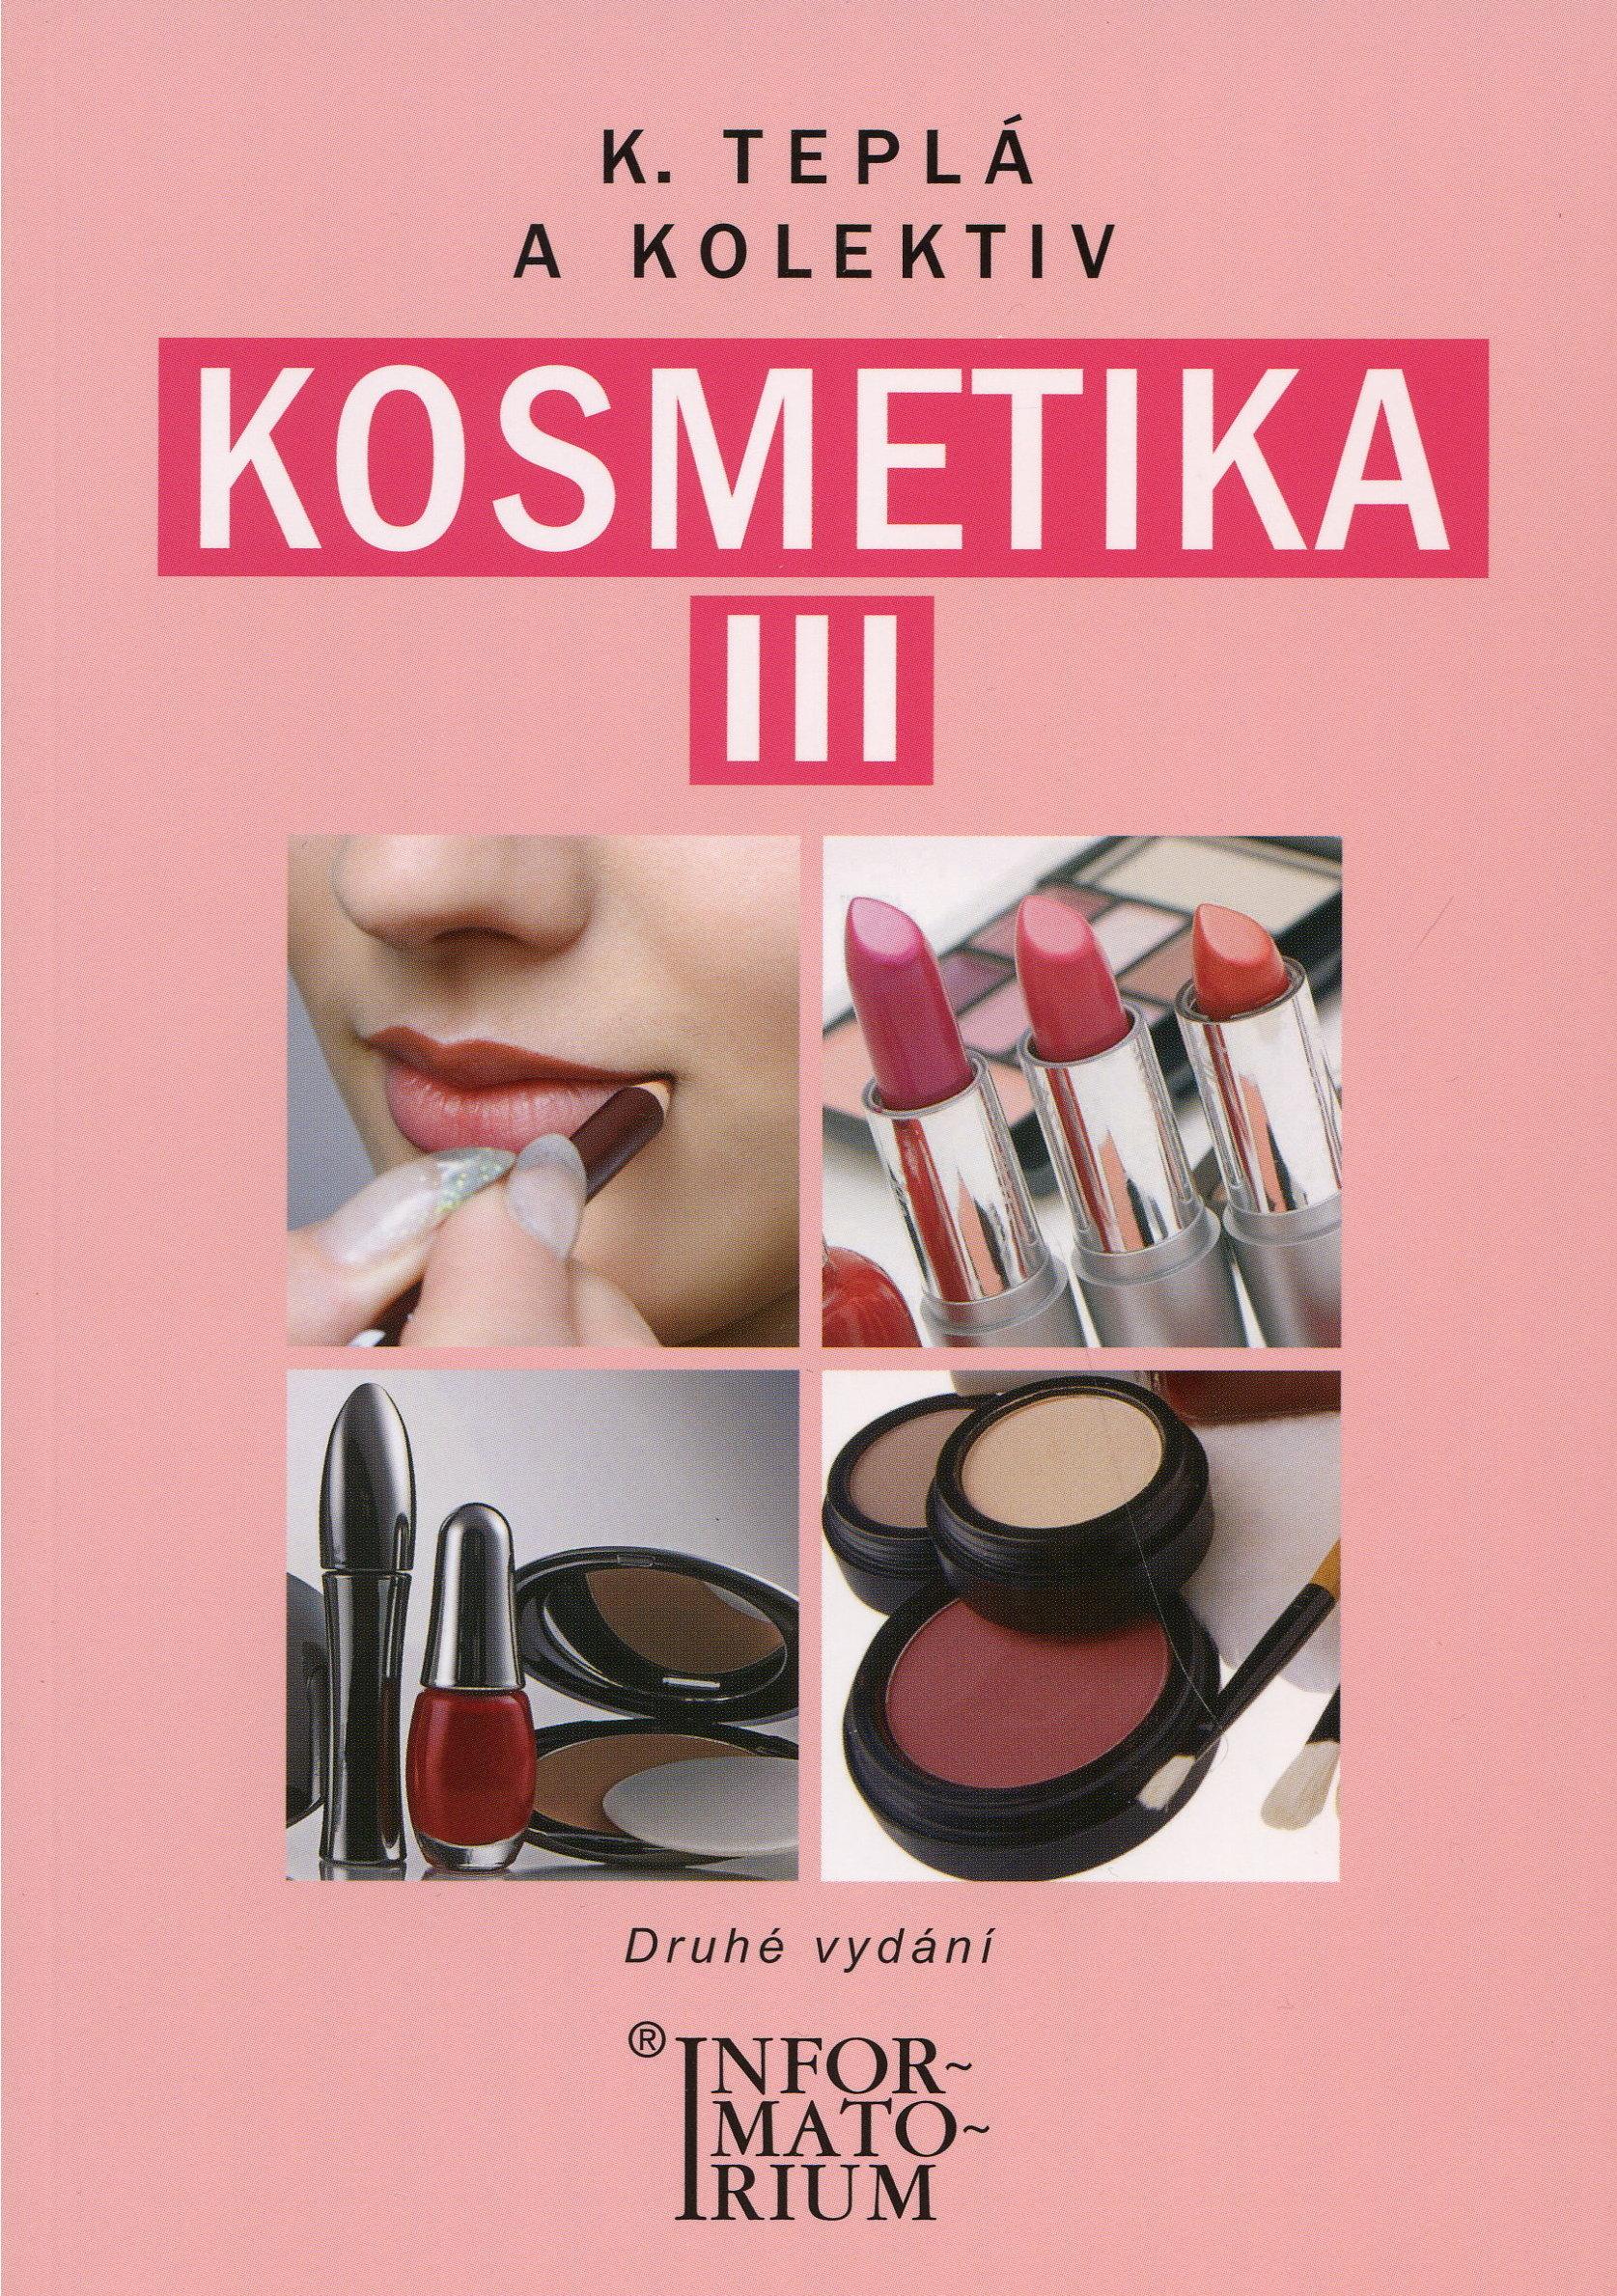 Kosmetika III - Druhé vydání